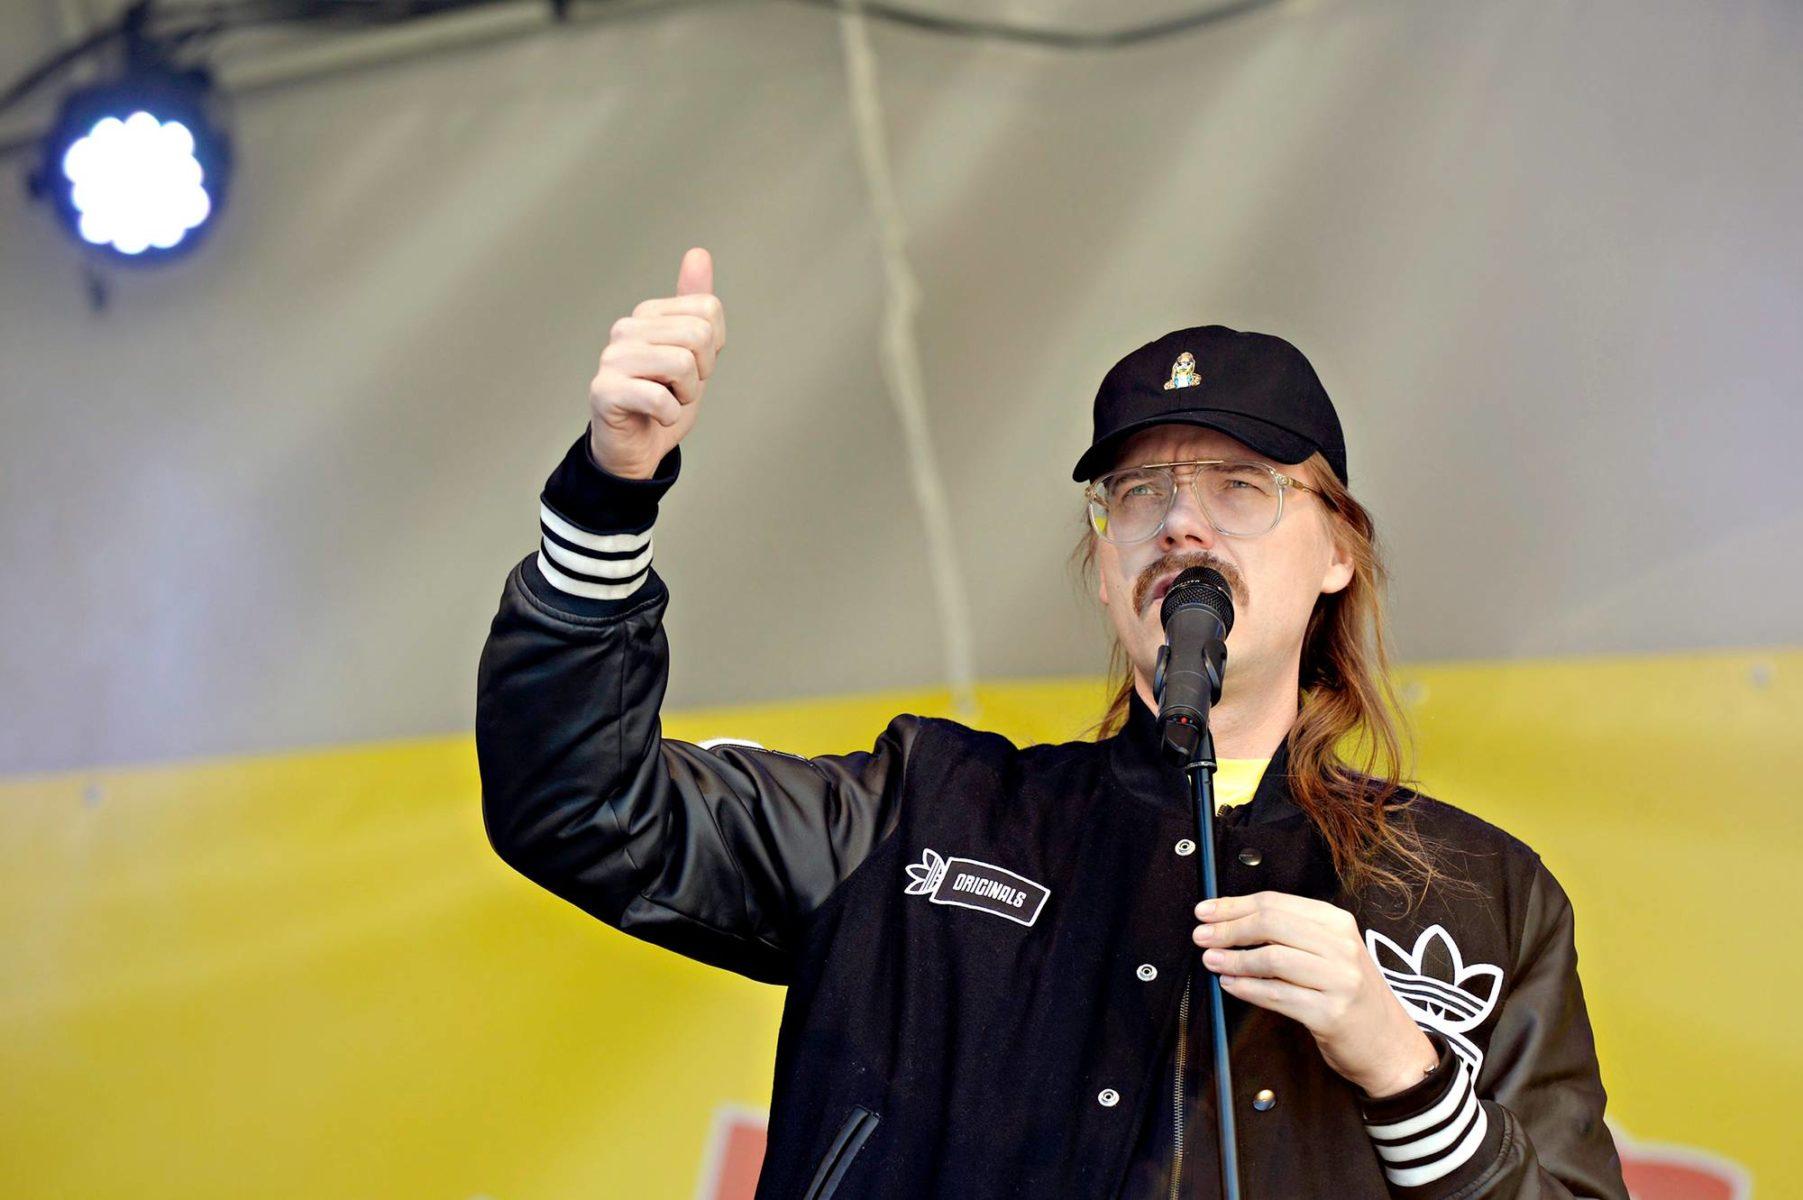 Laulaja Stigin suosio on kasvanut muun muassa Vain elämää -tv-ohjelmaan osallistumisen myötä.